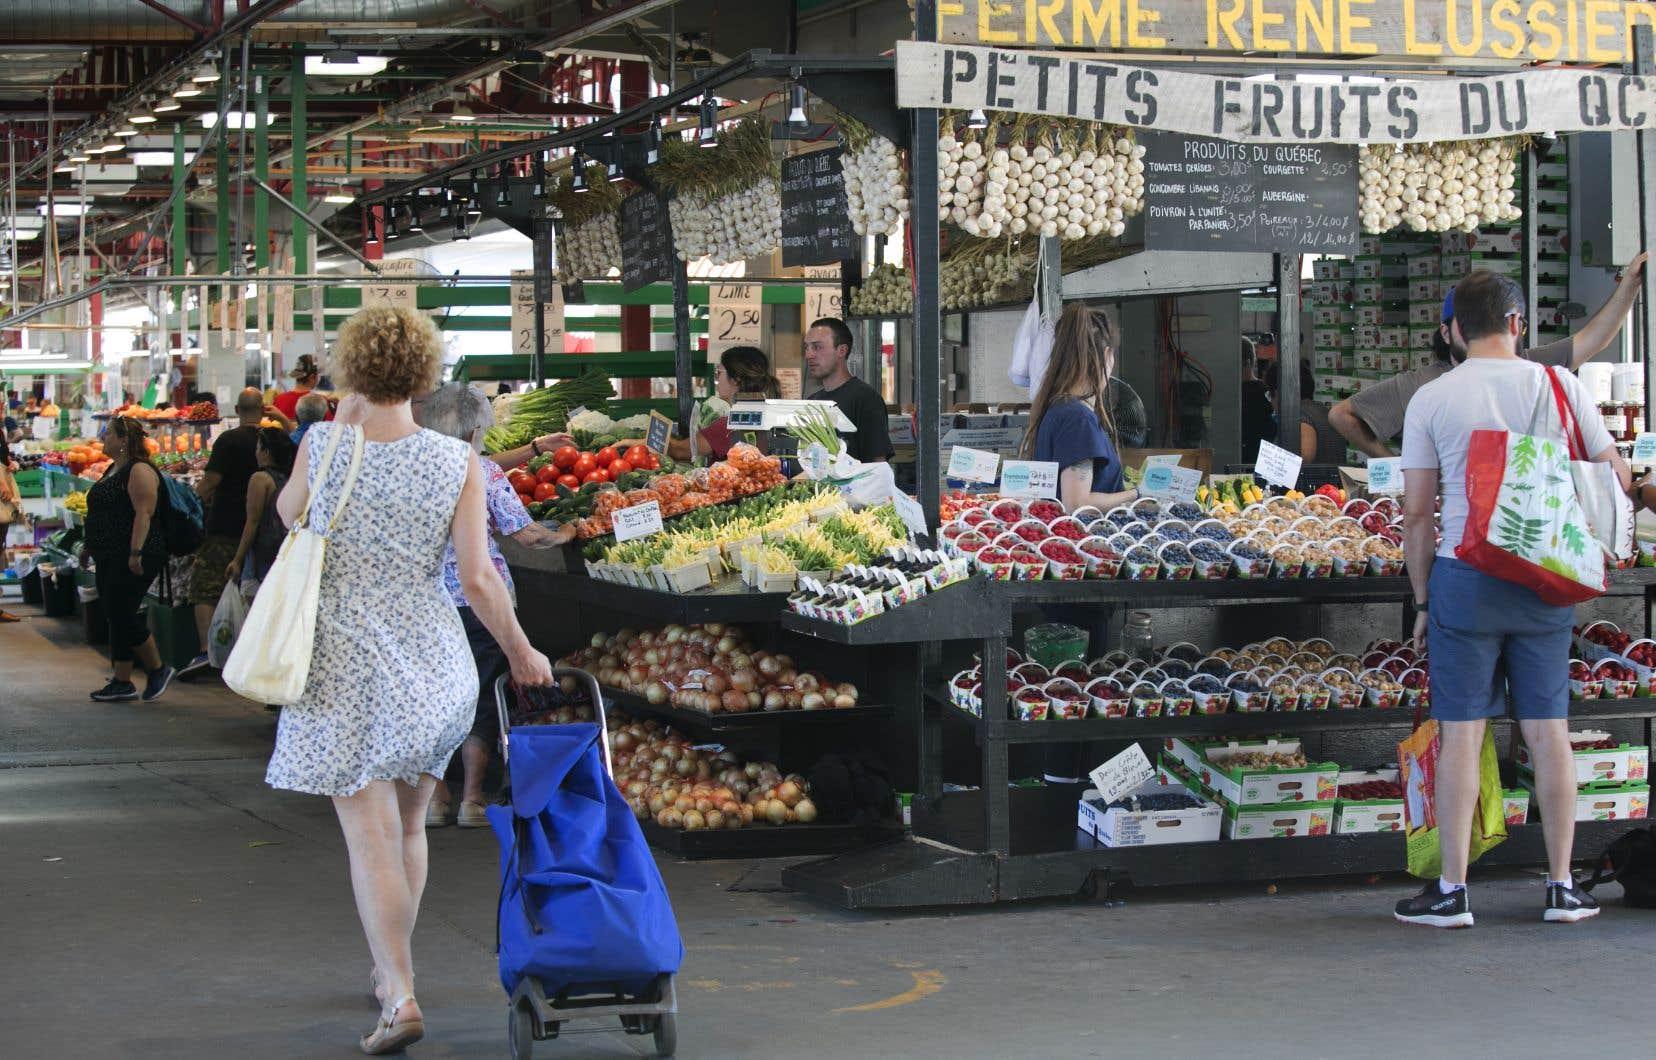 La Corporation de gestion des marchés publics de Montréal (CGMPM), gère entre autres les marchés Jean-Talon, Maisonneuve et Atwater.